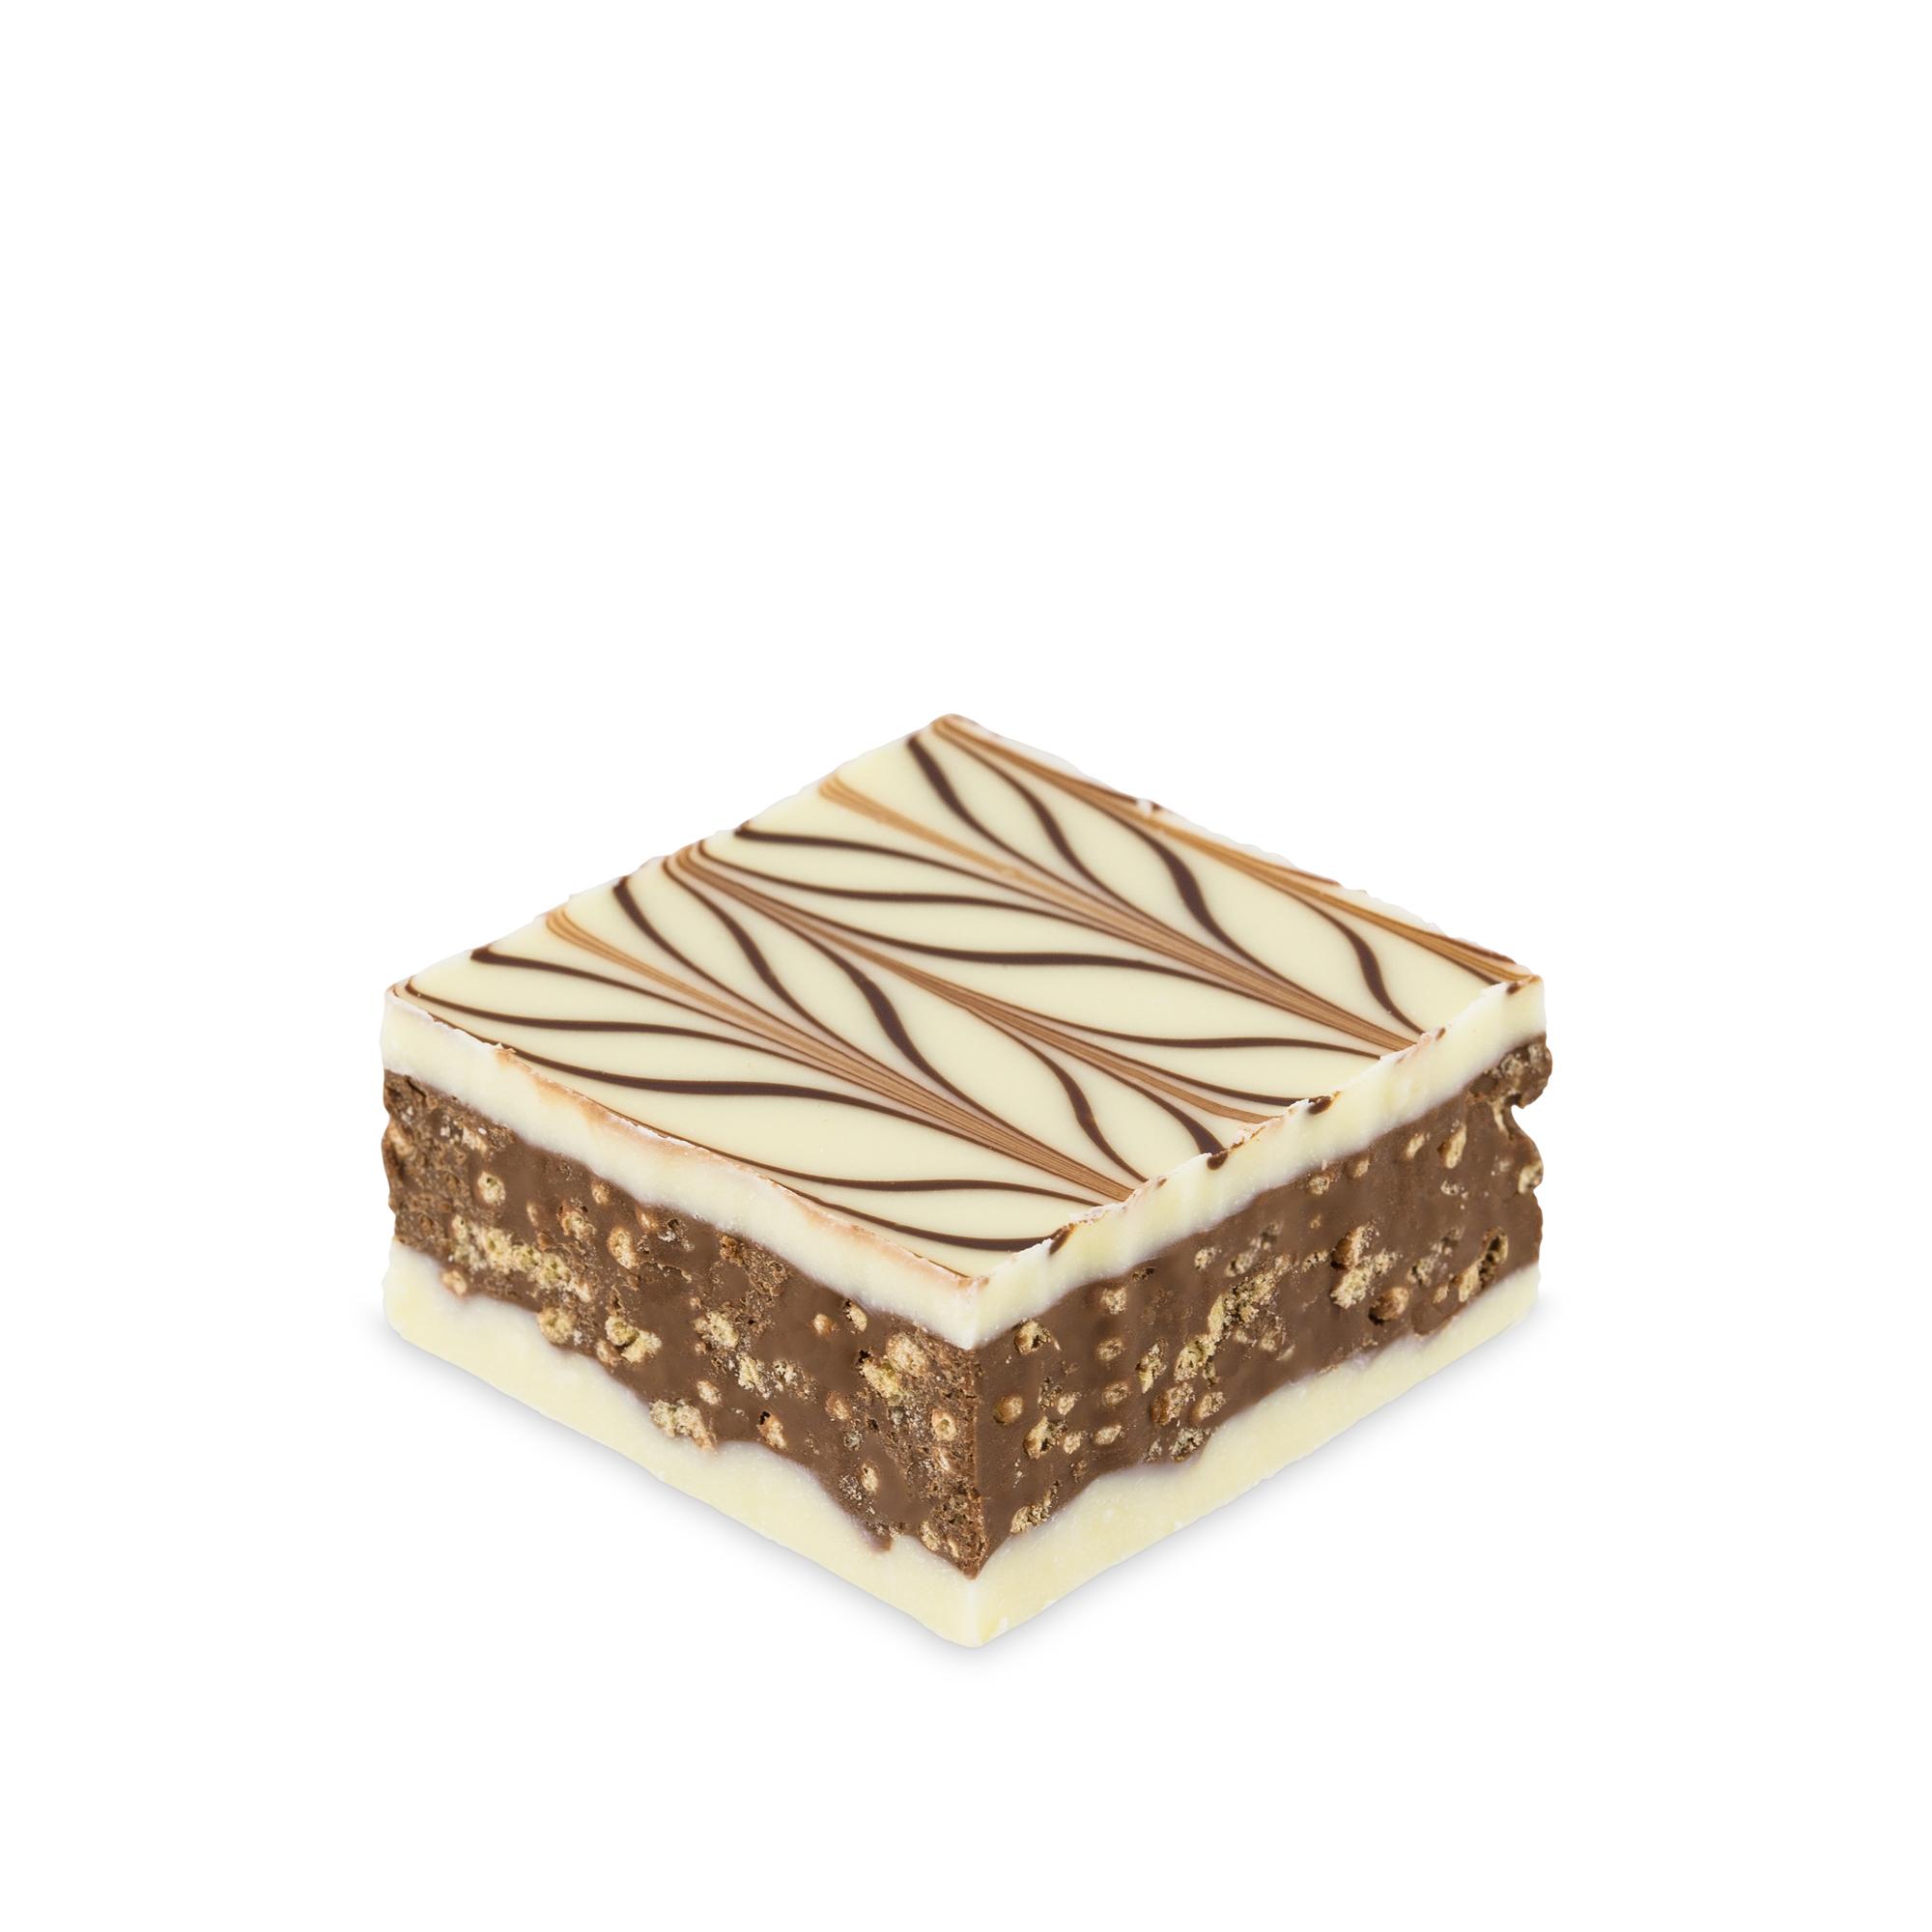 BOUCHEE CROQUANTINE IVOIRE - Gianduja noir et céréales croustillantes, enrobé de chocolat blanc et décoré de chocolat noir. Notes de fruits secs. Texture fine et croustillante.